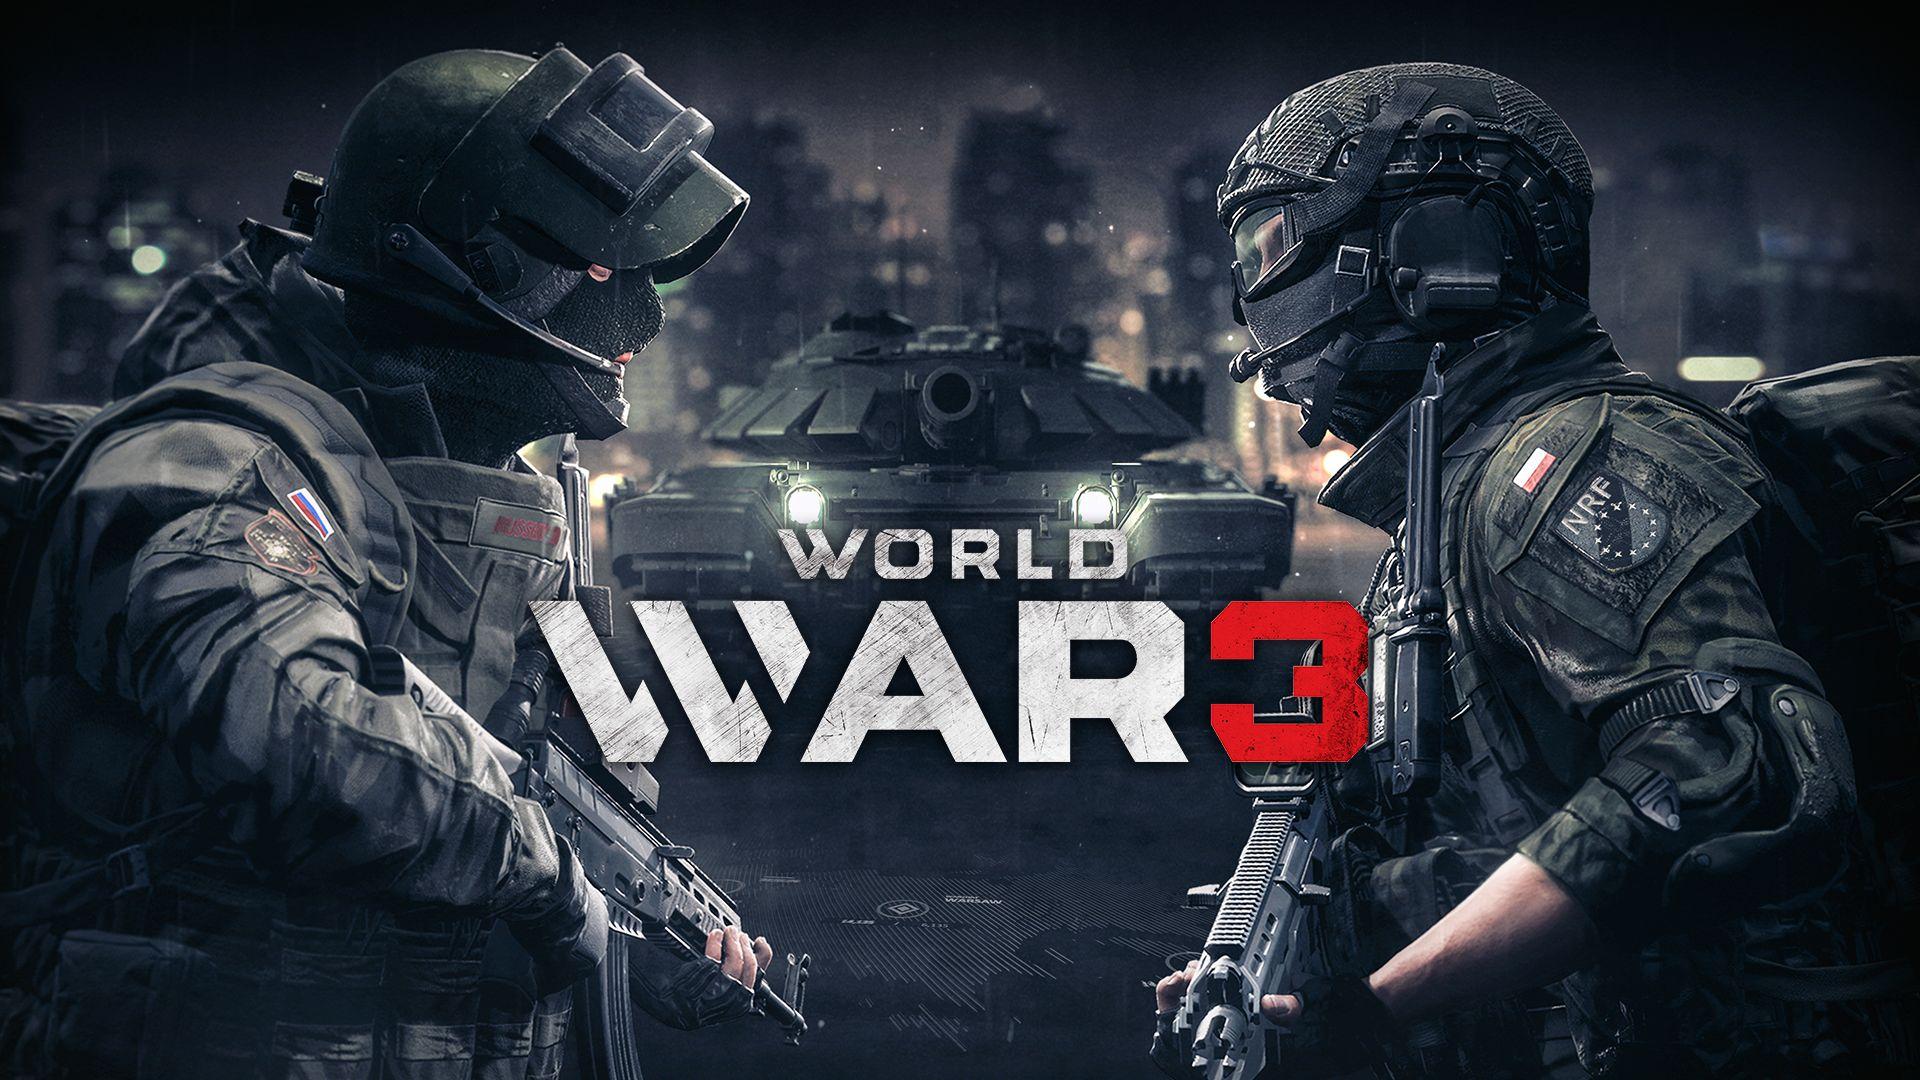 الانطباعات الأولية عن لعبة World War 3 للـ Pc عرب هاردوير